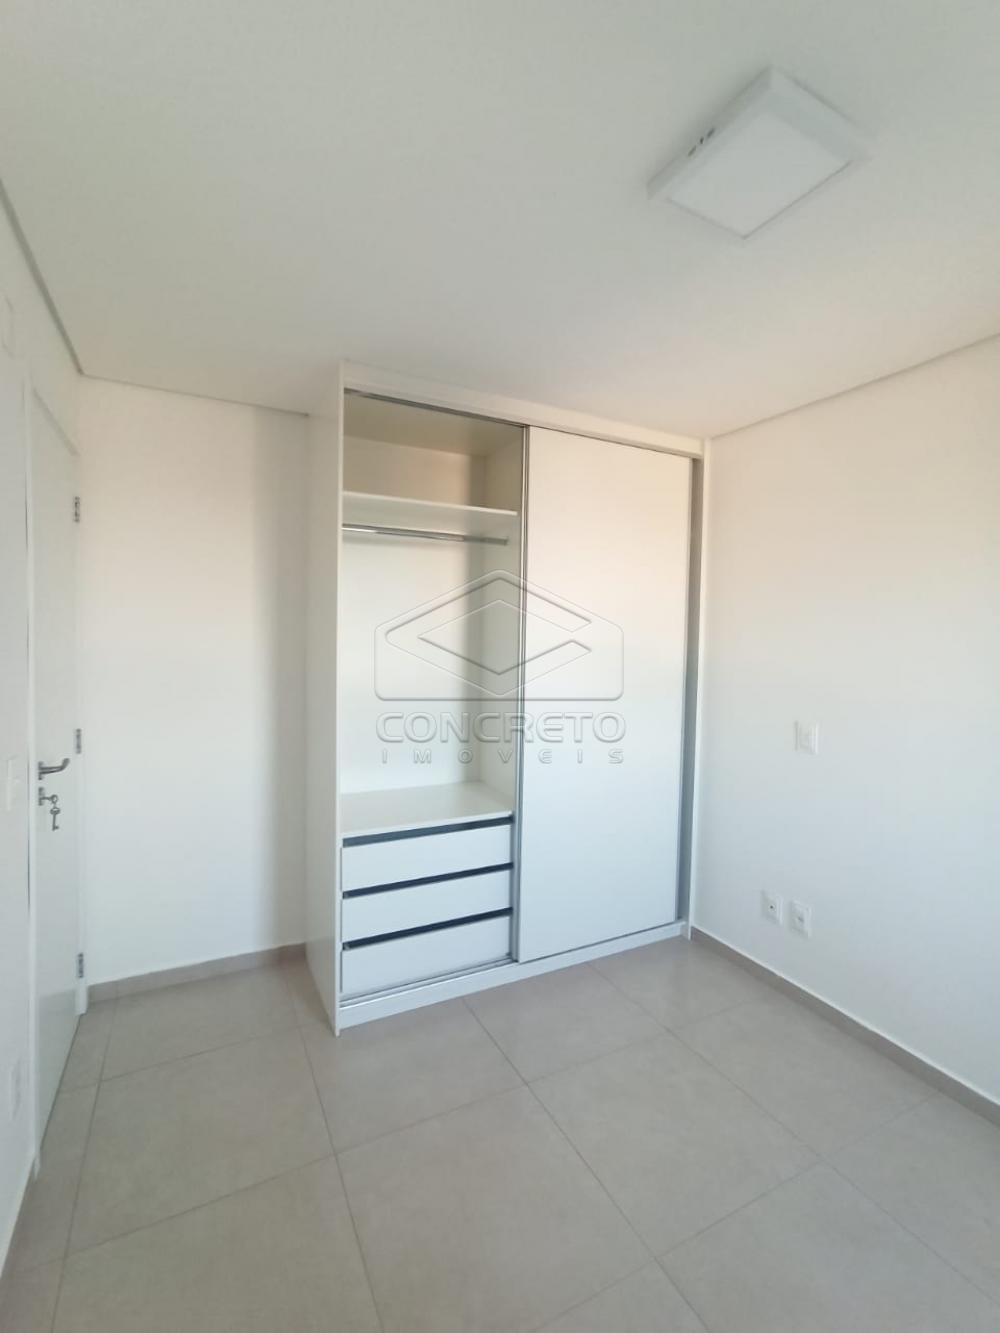 Alugar Apartamento / Padrão em Bauru R$ 1.200,00 - Foto 4